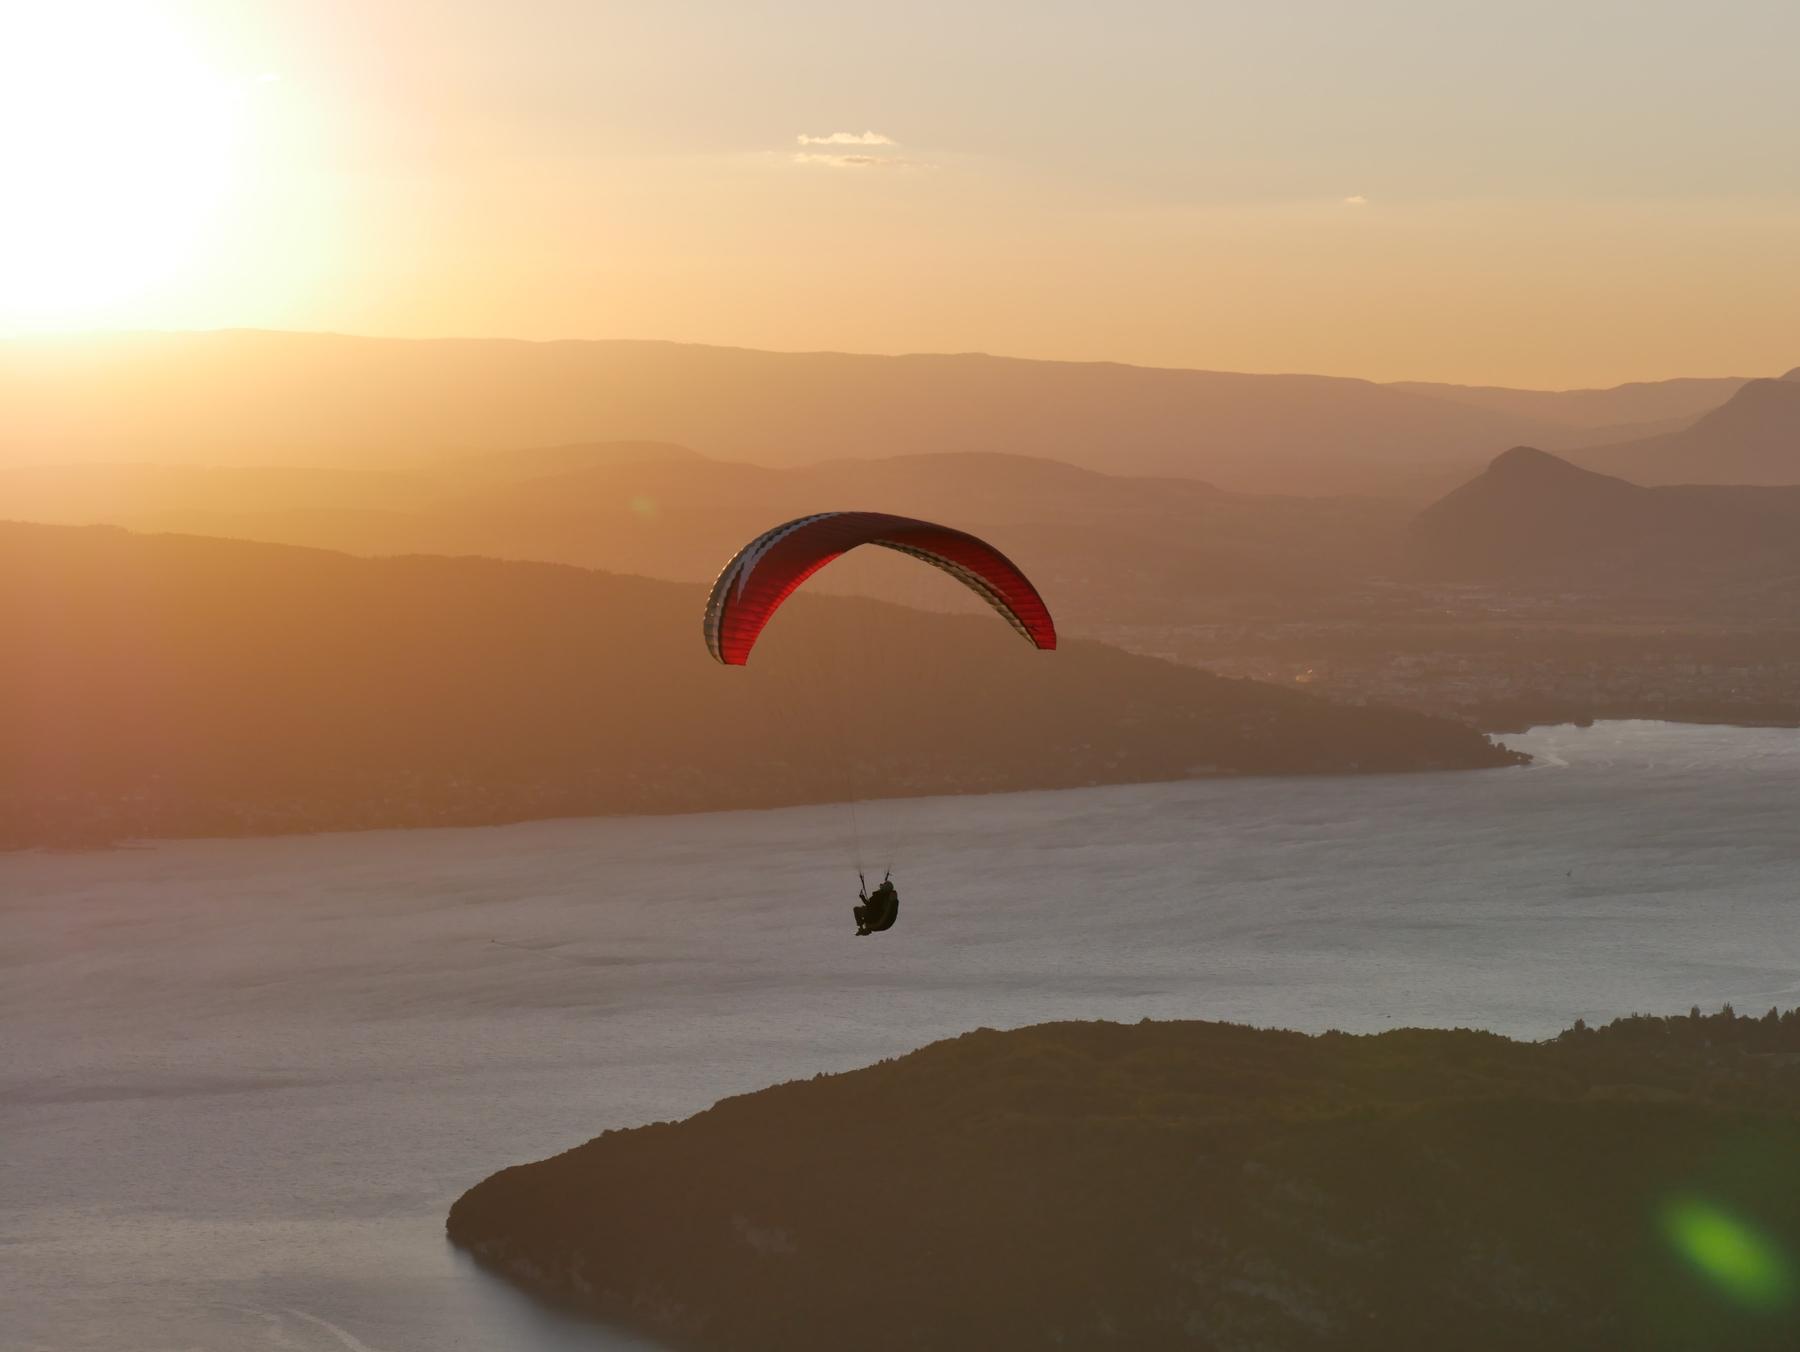 Une session de parapente au-dessus du lac d'Annecy.